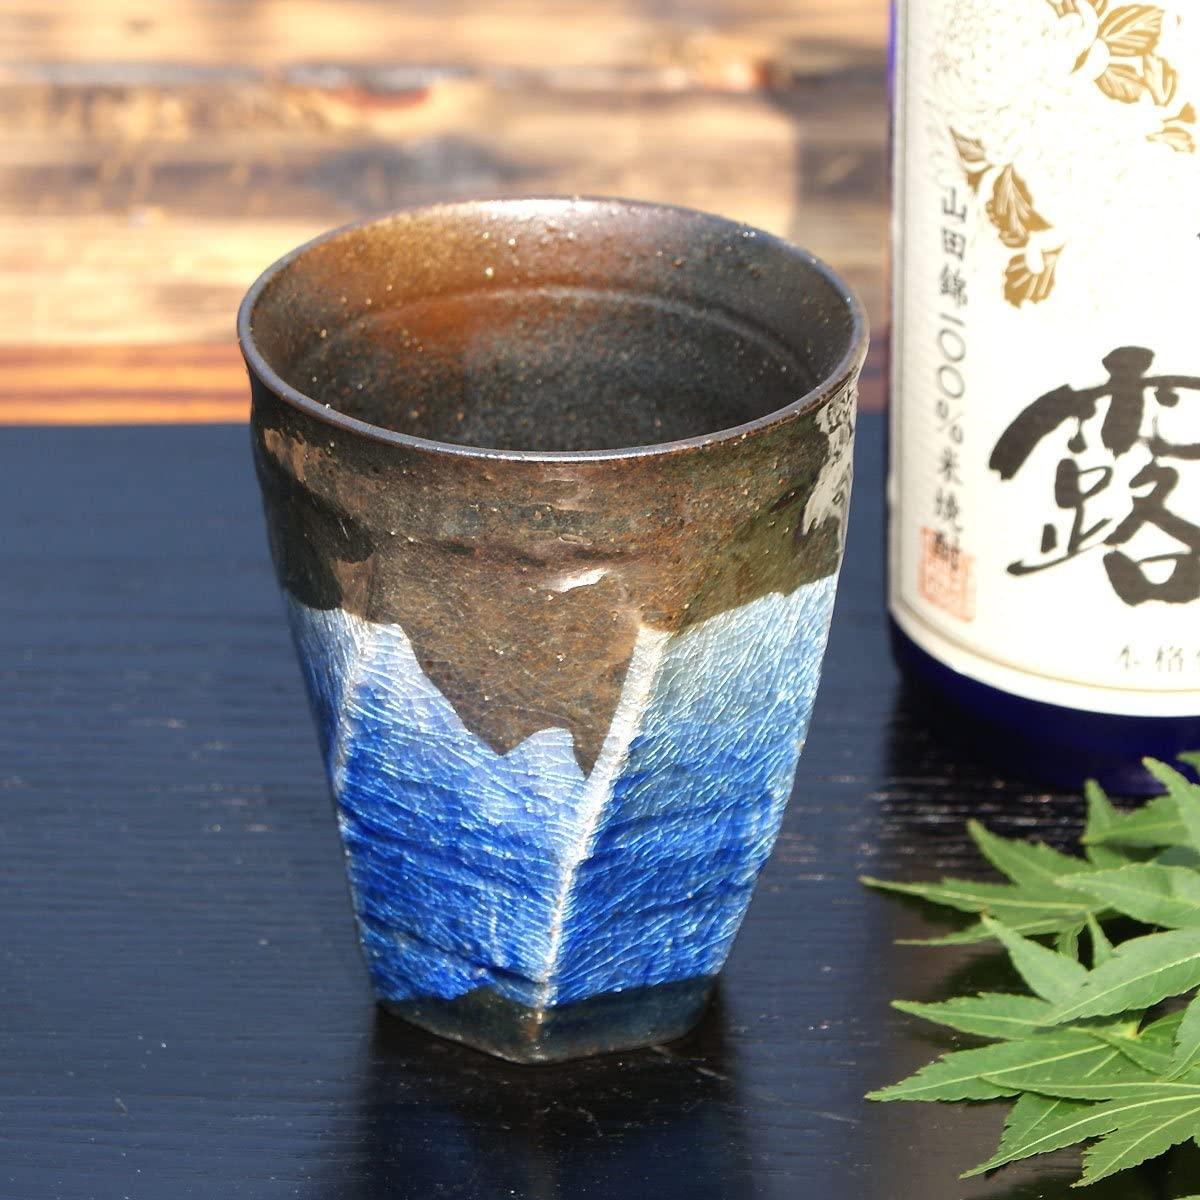 九谷焼 陶器の荒削り 焼酎グラス 銀彩(ブルー)の商品画像